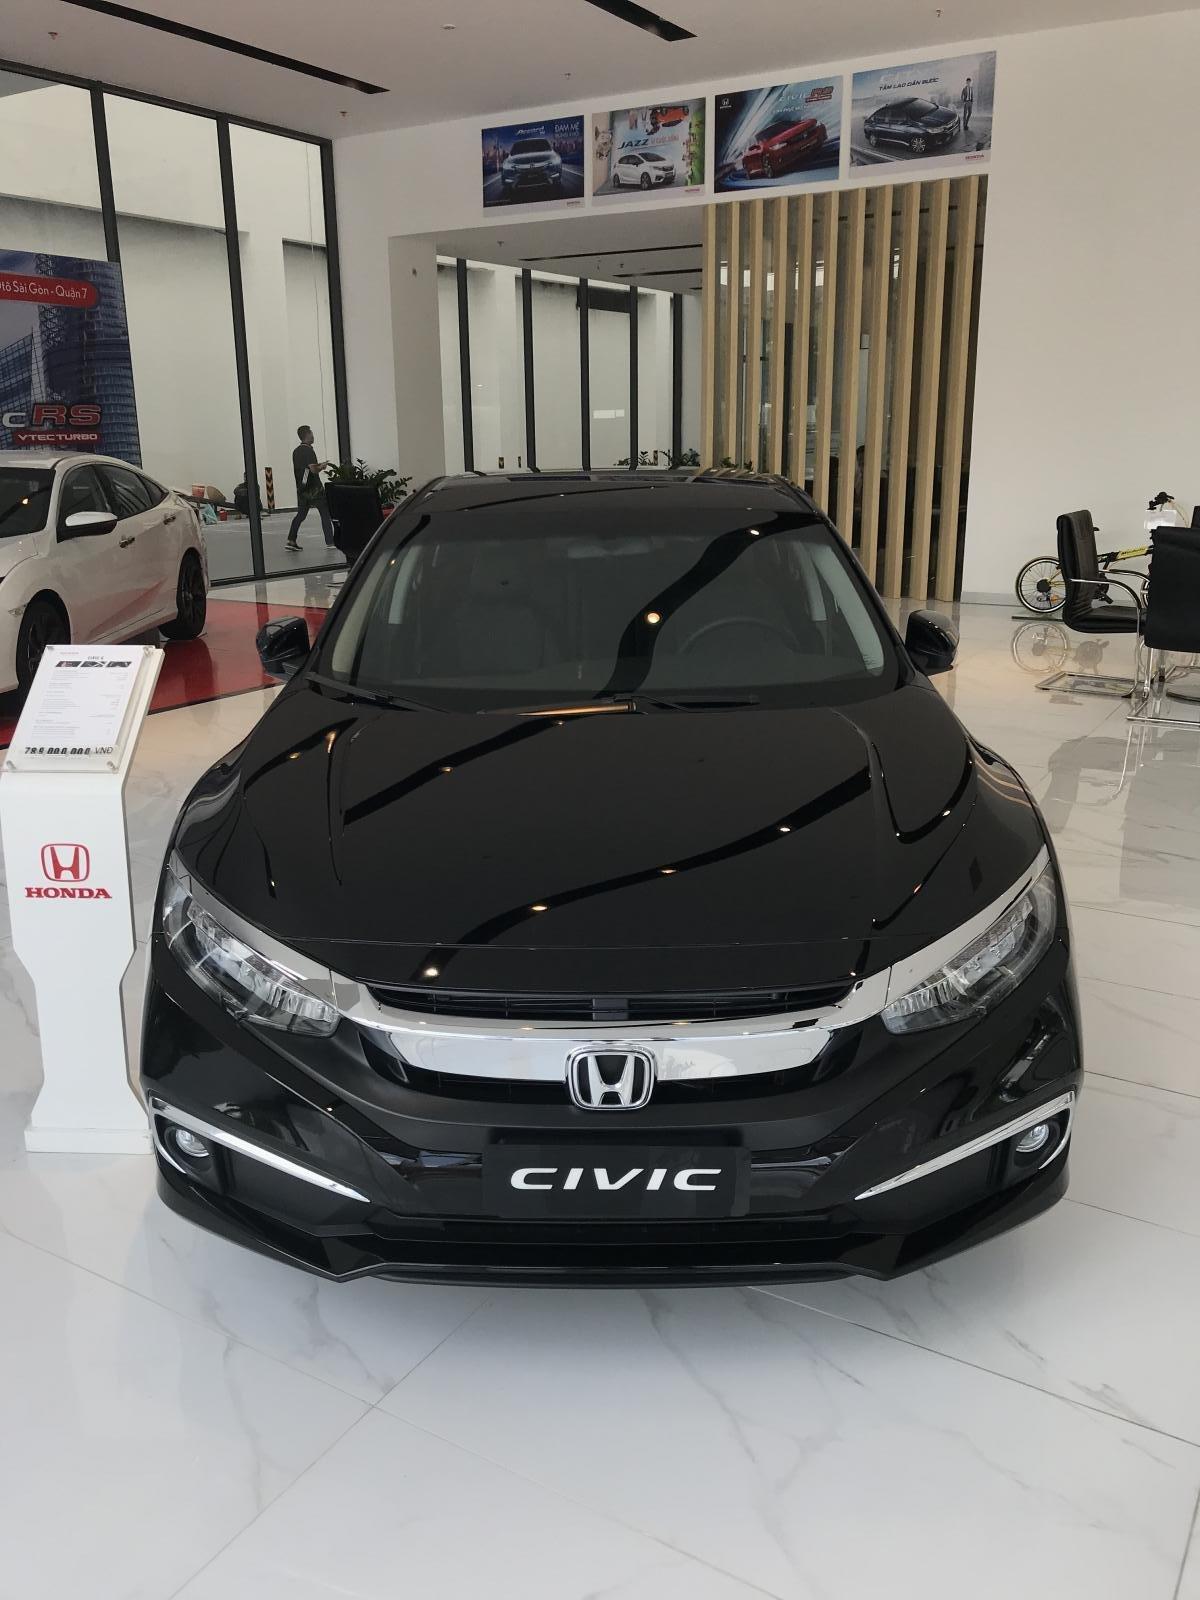 Honda Civic G màu đen, nhập khẩu nguyên chiếc, giao ngay trong ngày-2